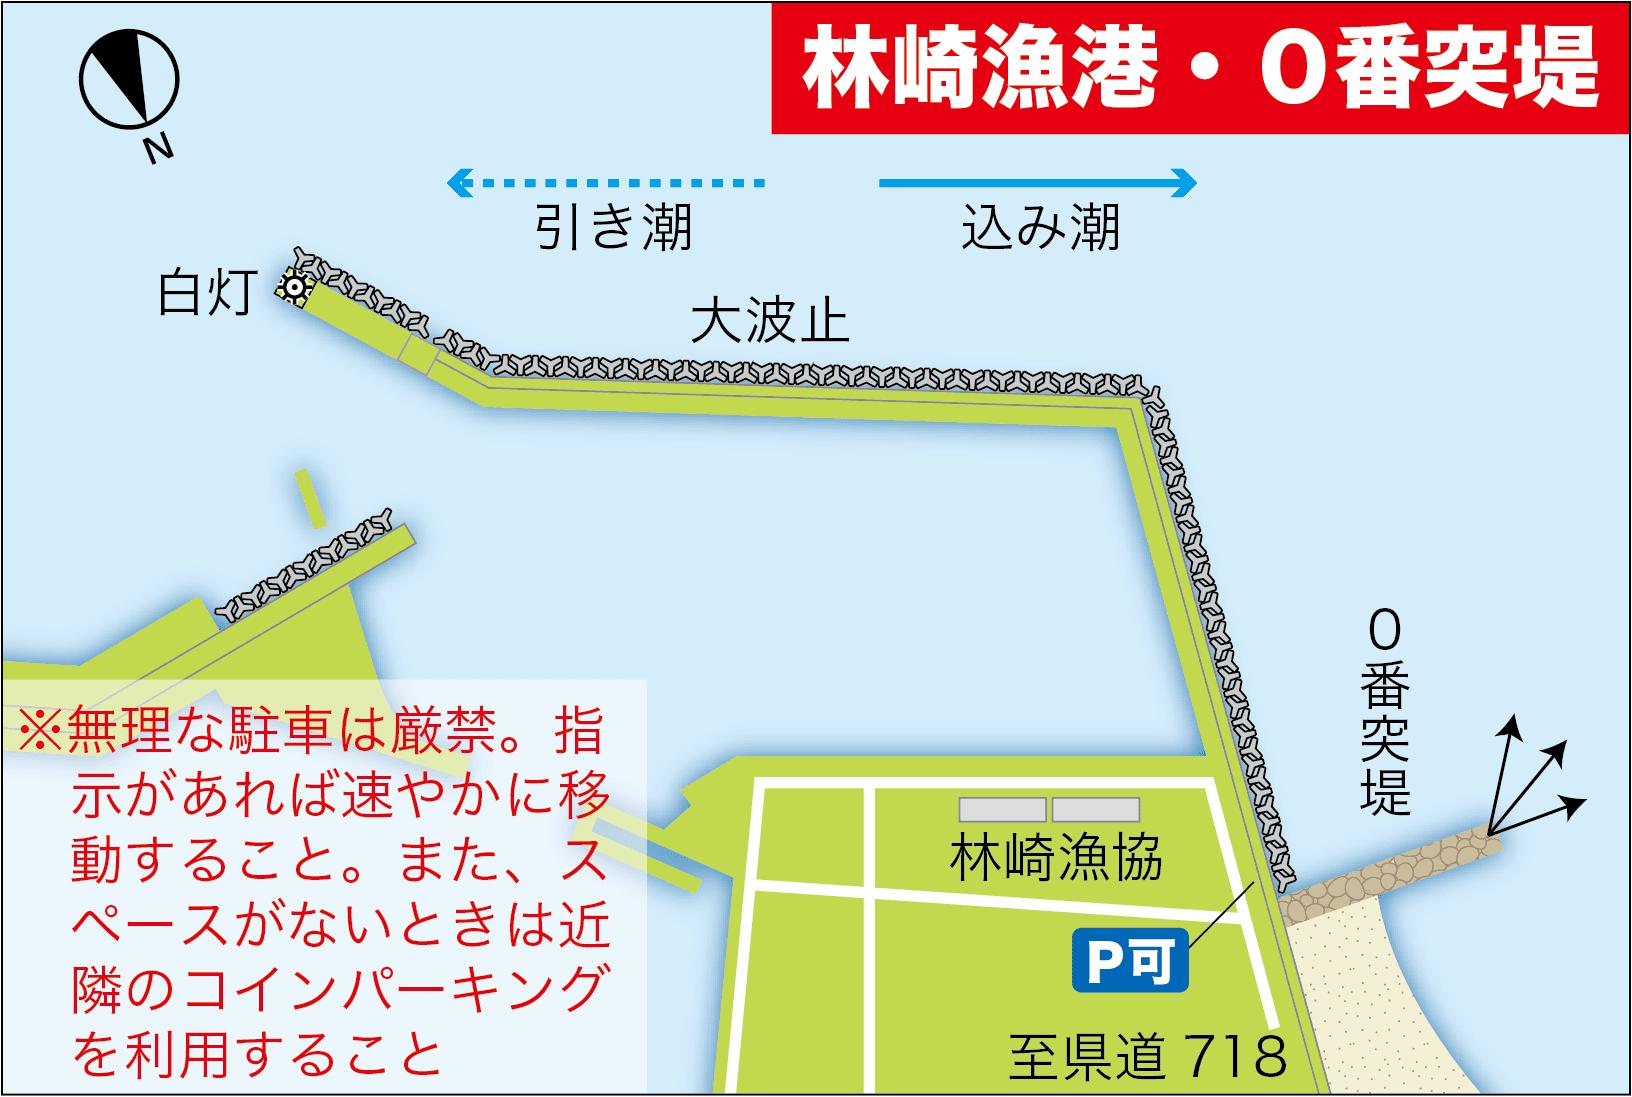 神明〜淡路島投げ釣りカレイ12